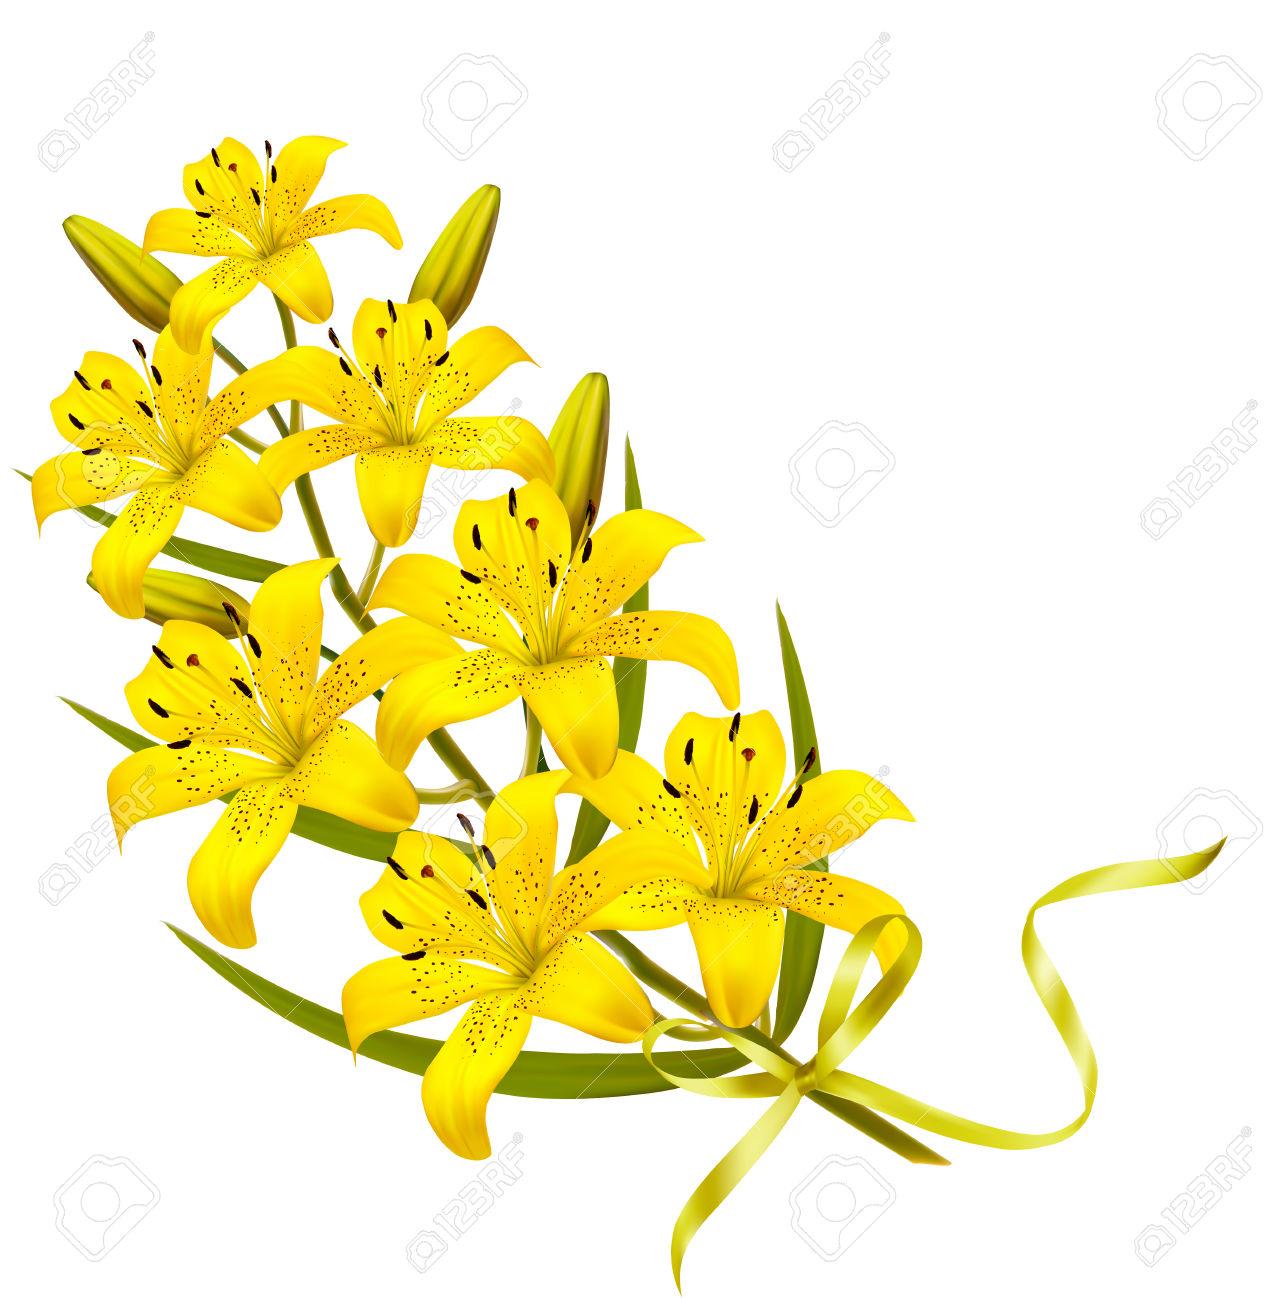 Holiday Fondo De Flores Amarillas. Vector. Ilustraciones.